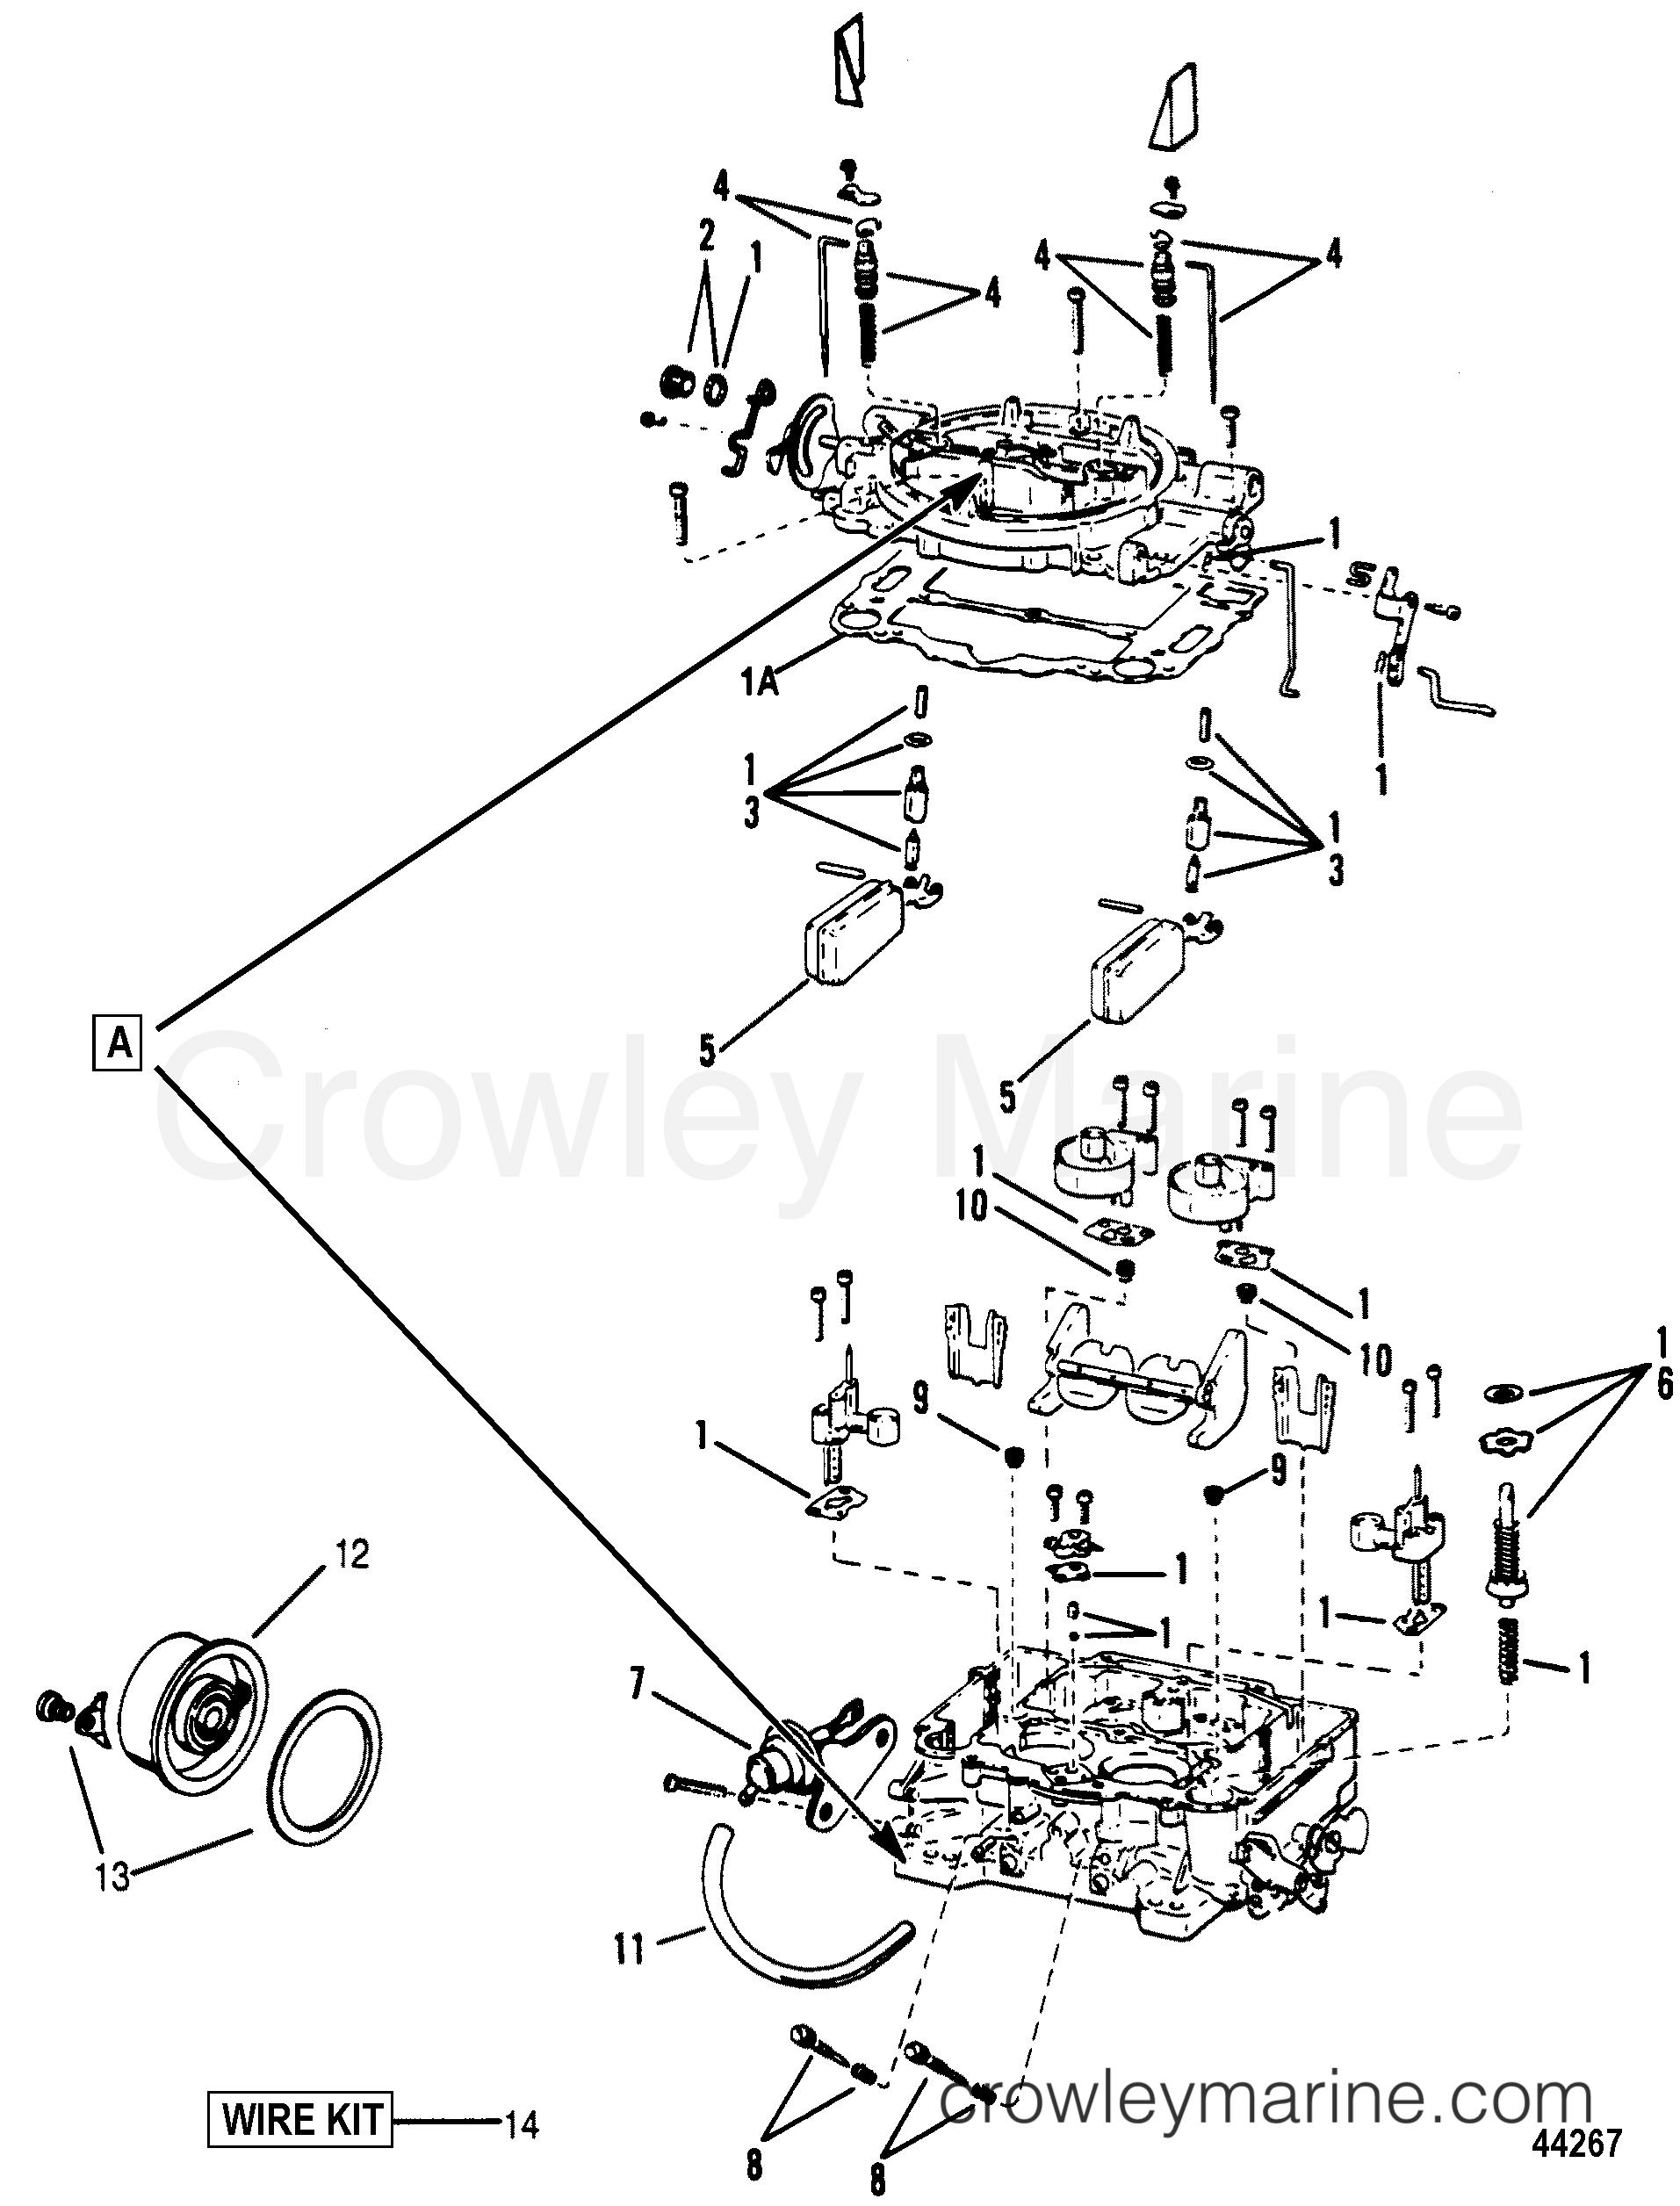 1993 Mercury Inboard Engine 7.4L [CARB] - 3743299FS CARBURETOR(WEBER) section